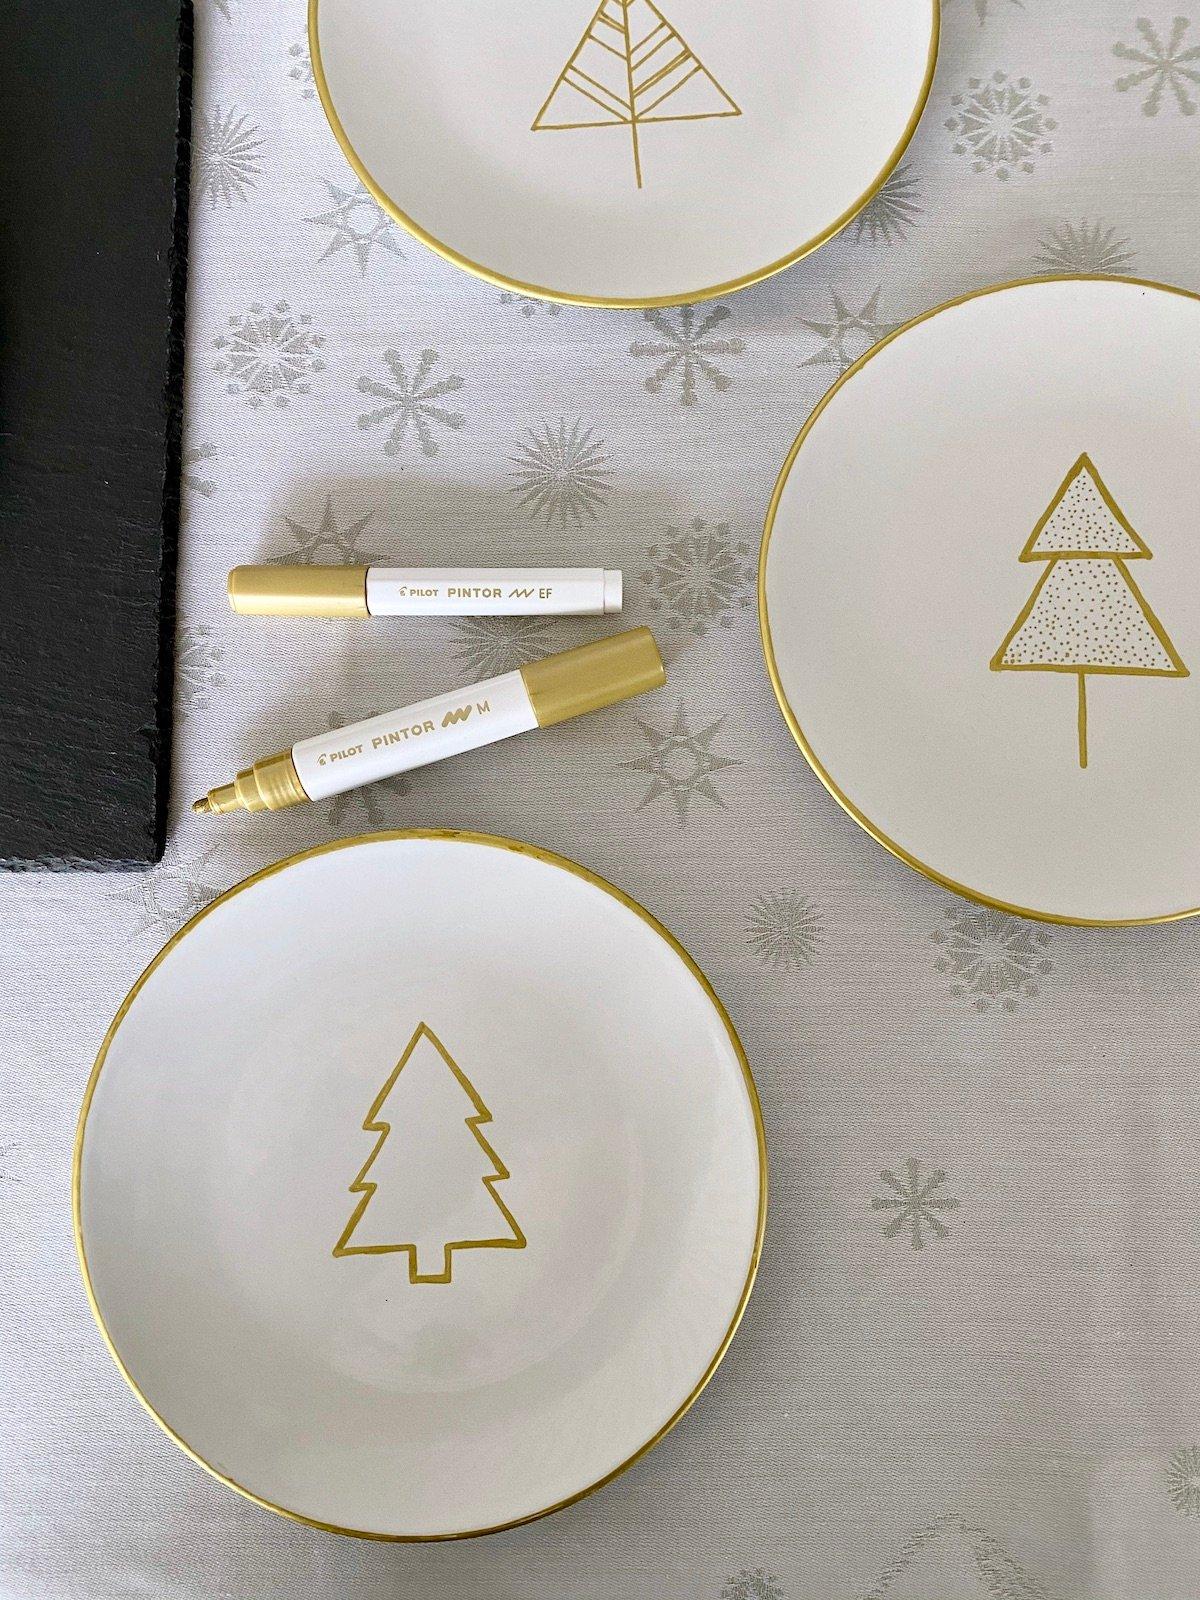 idée déco création diy bricolage Noël personnalisation assiette porcelaine